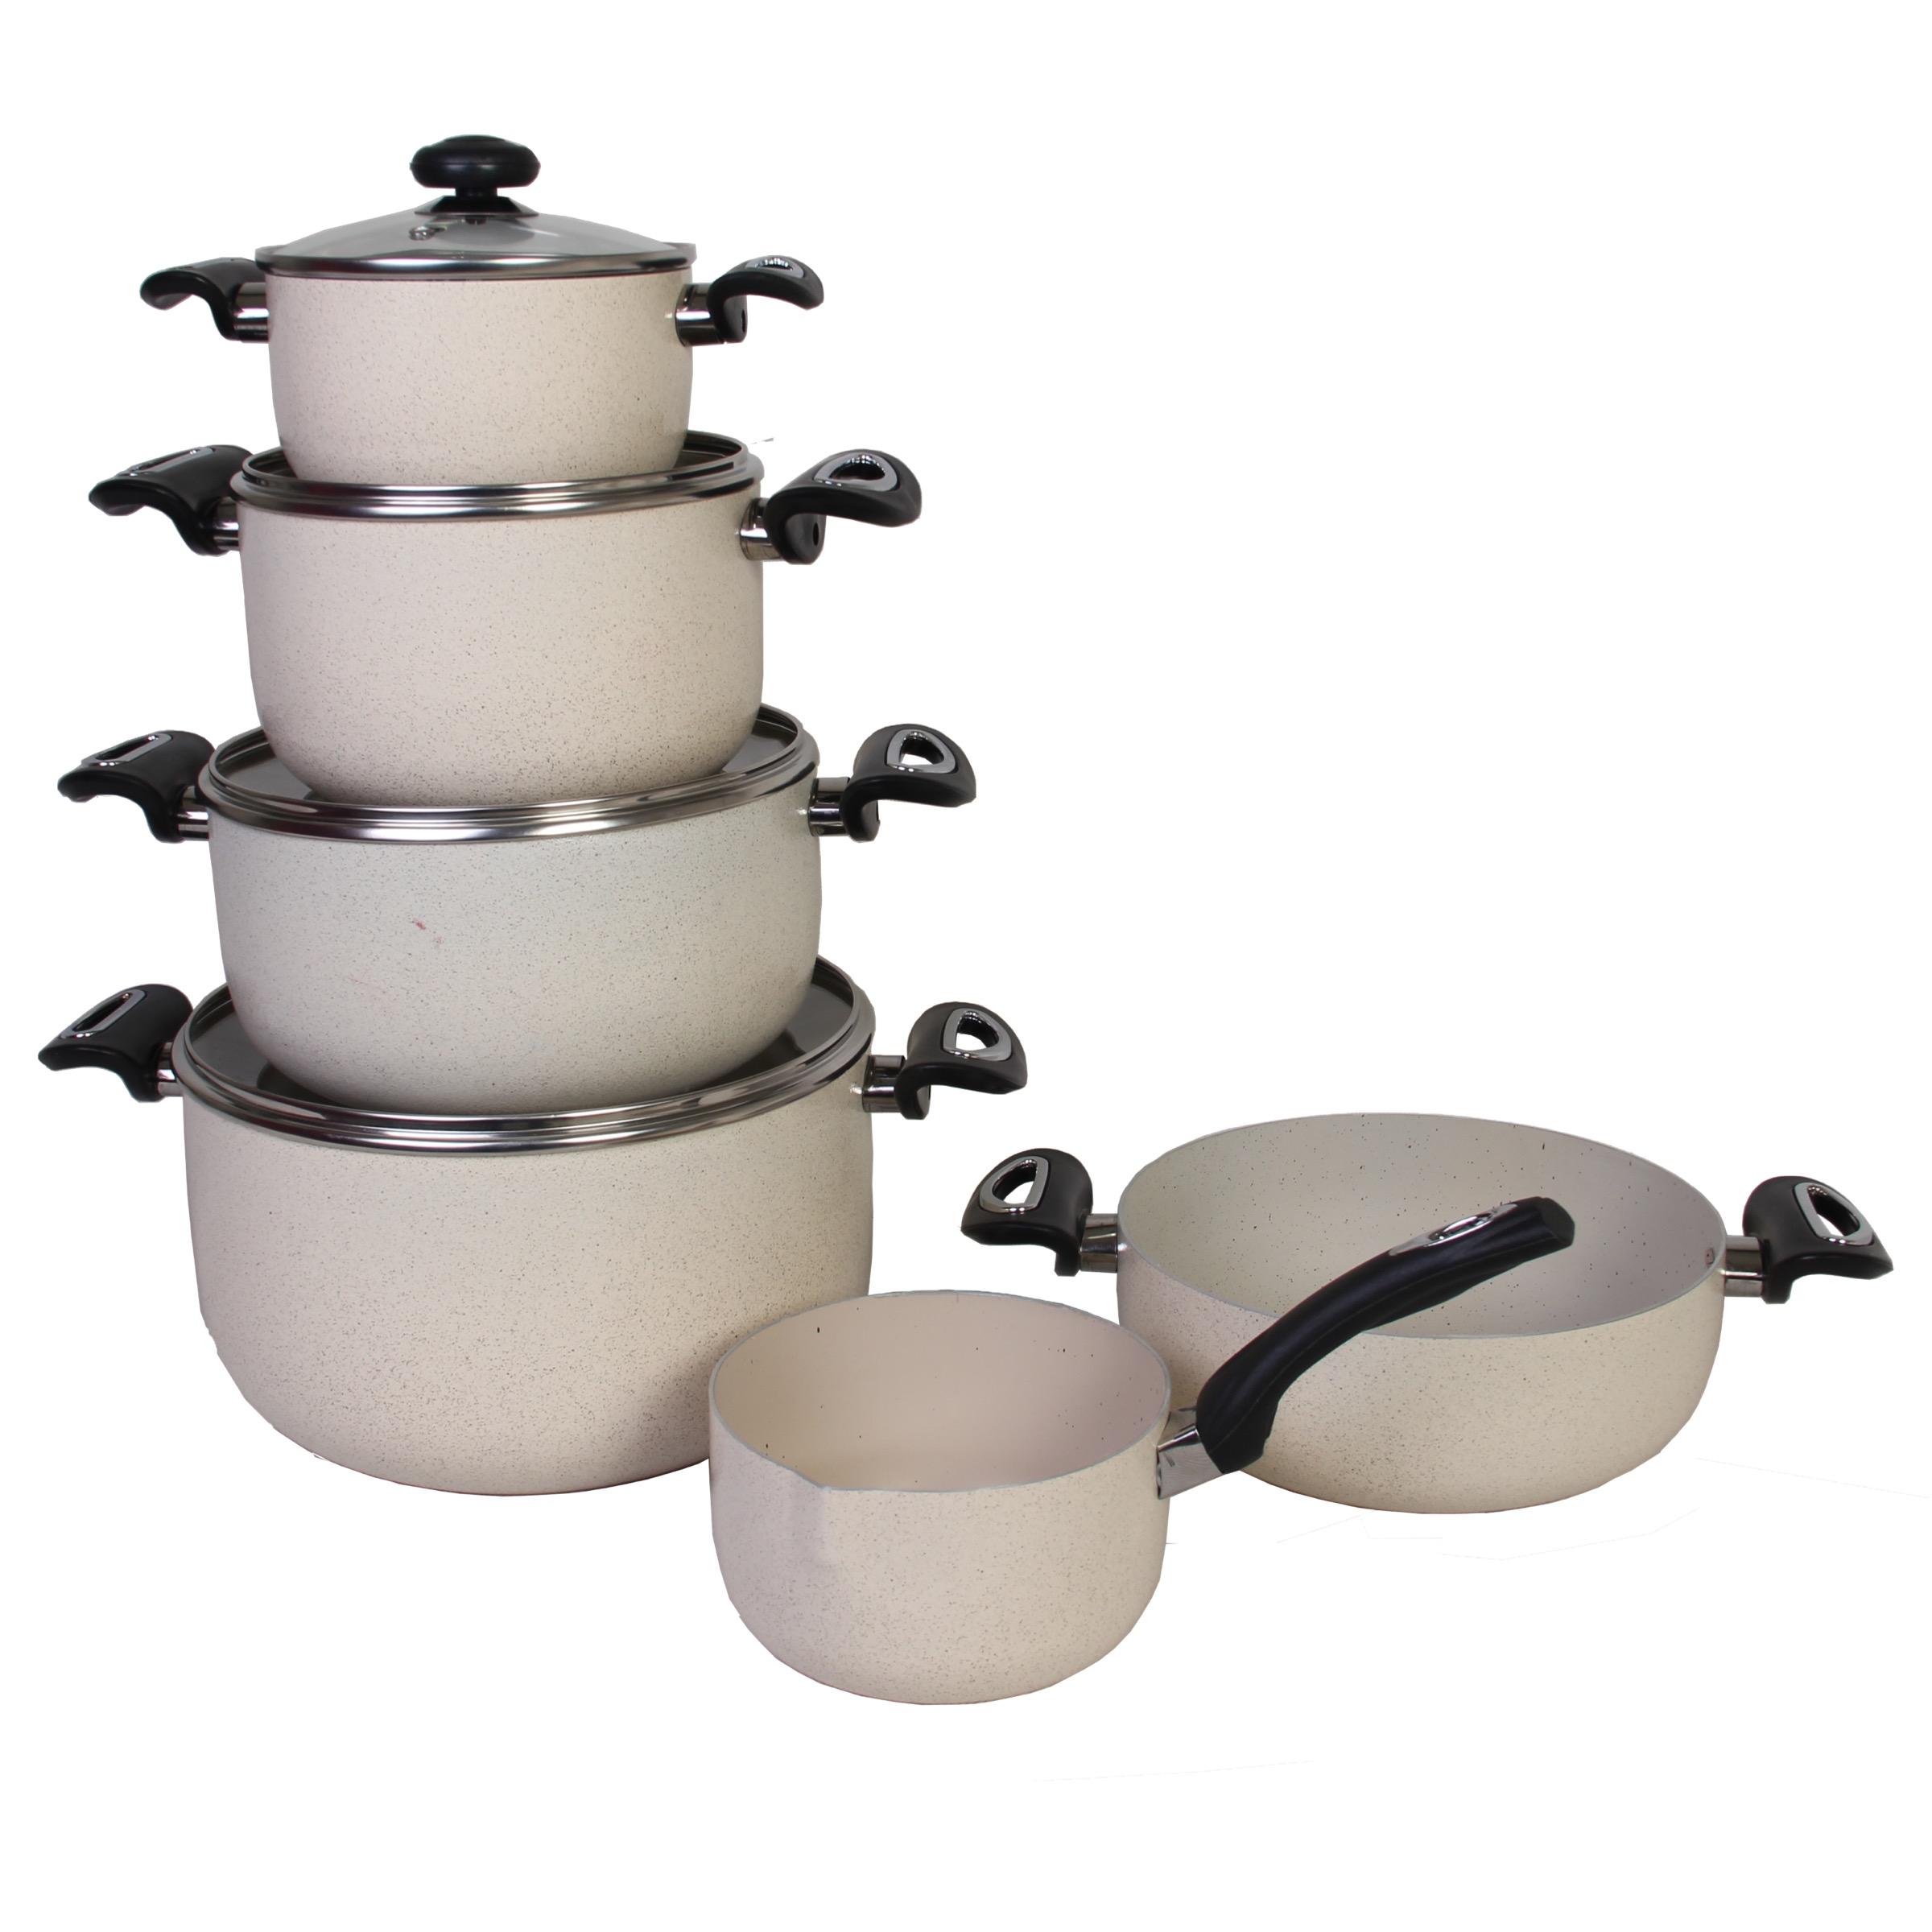 سرویس پخت و پز ۱۰ پارچه مدل دلسا B001